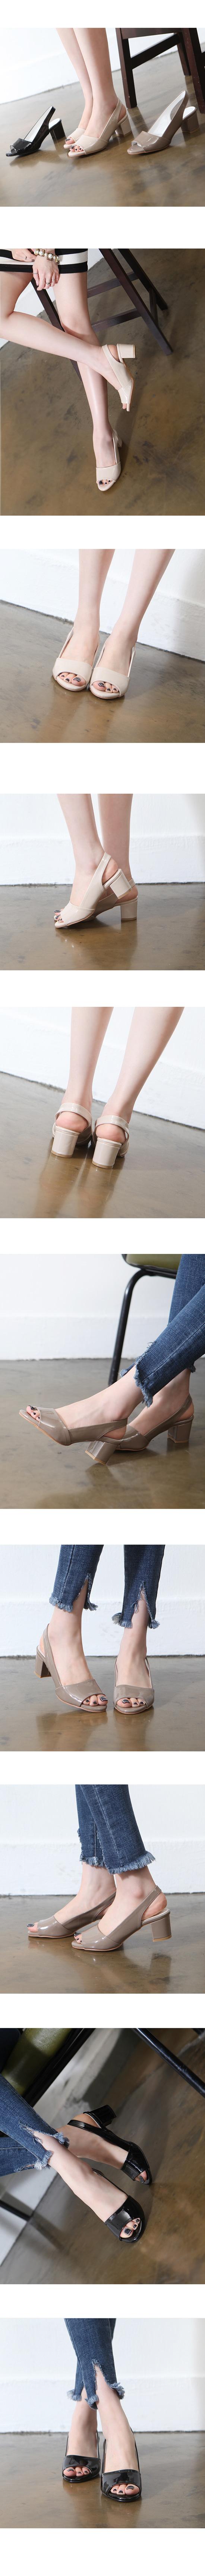 Enamel Toe Open Slingback High Heels Gray